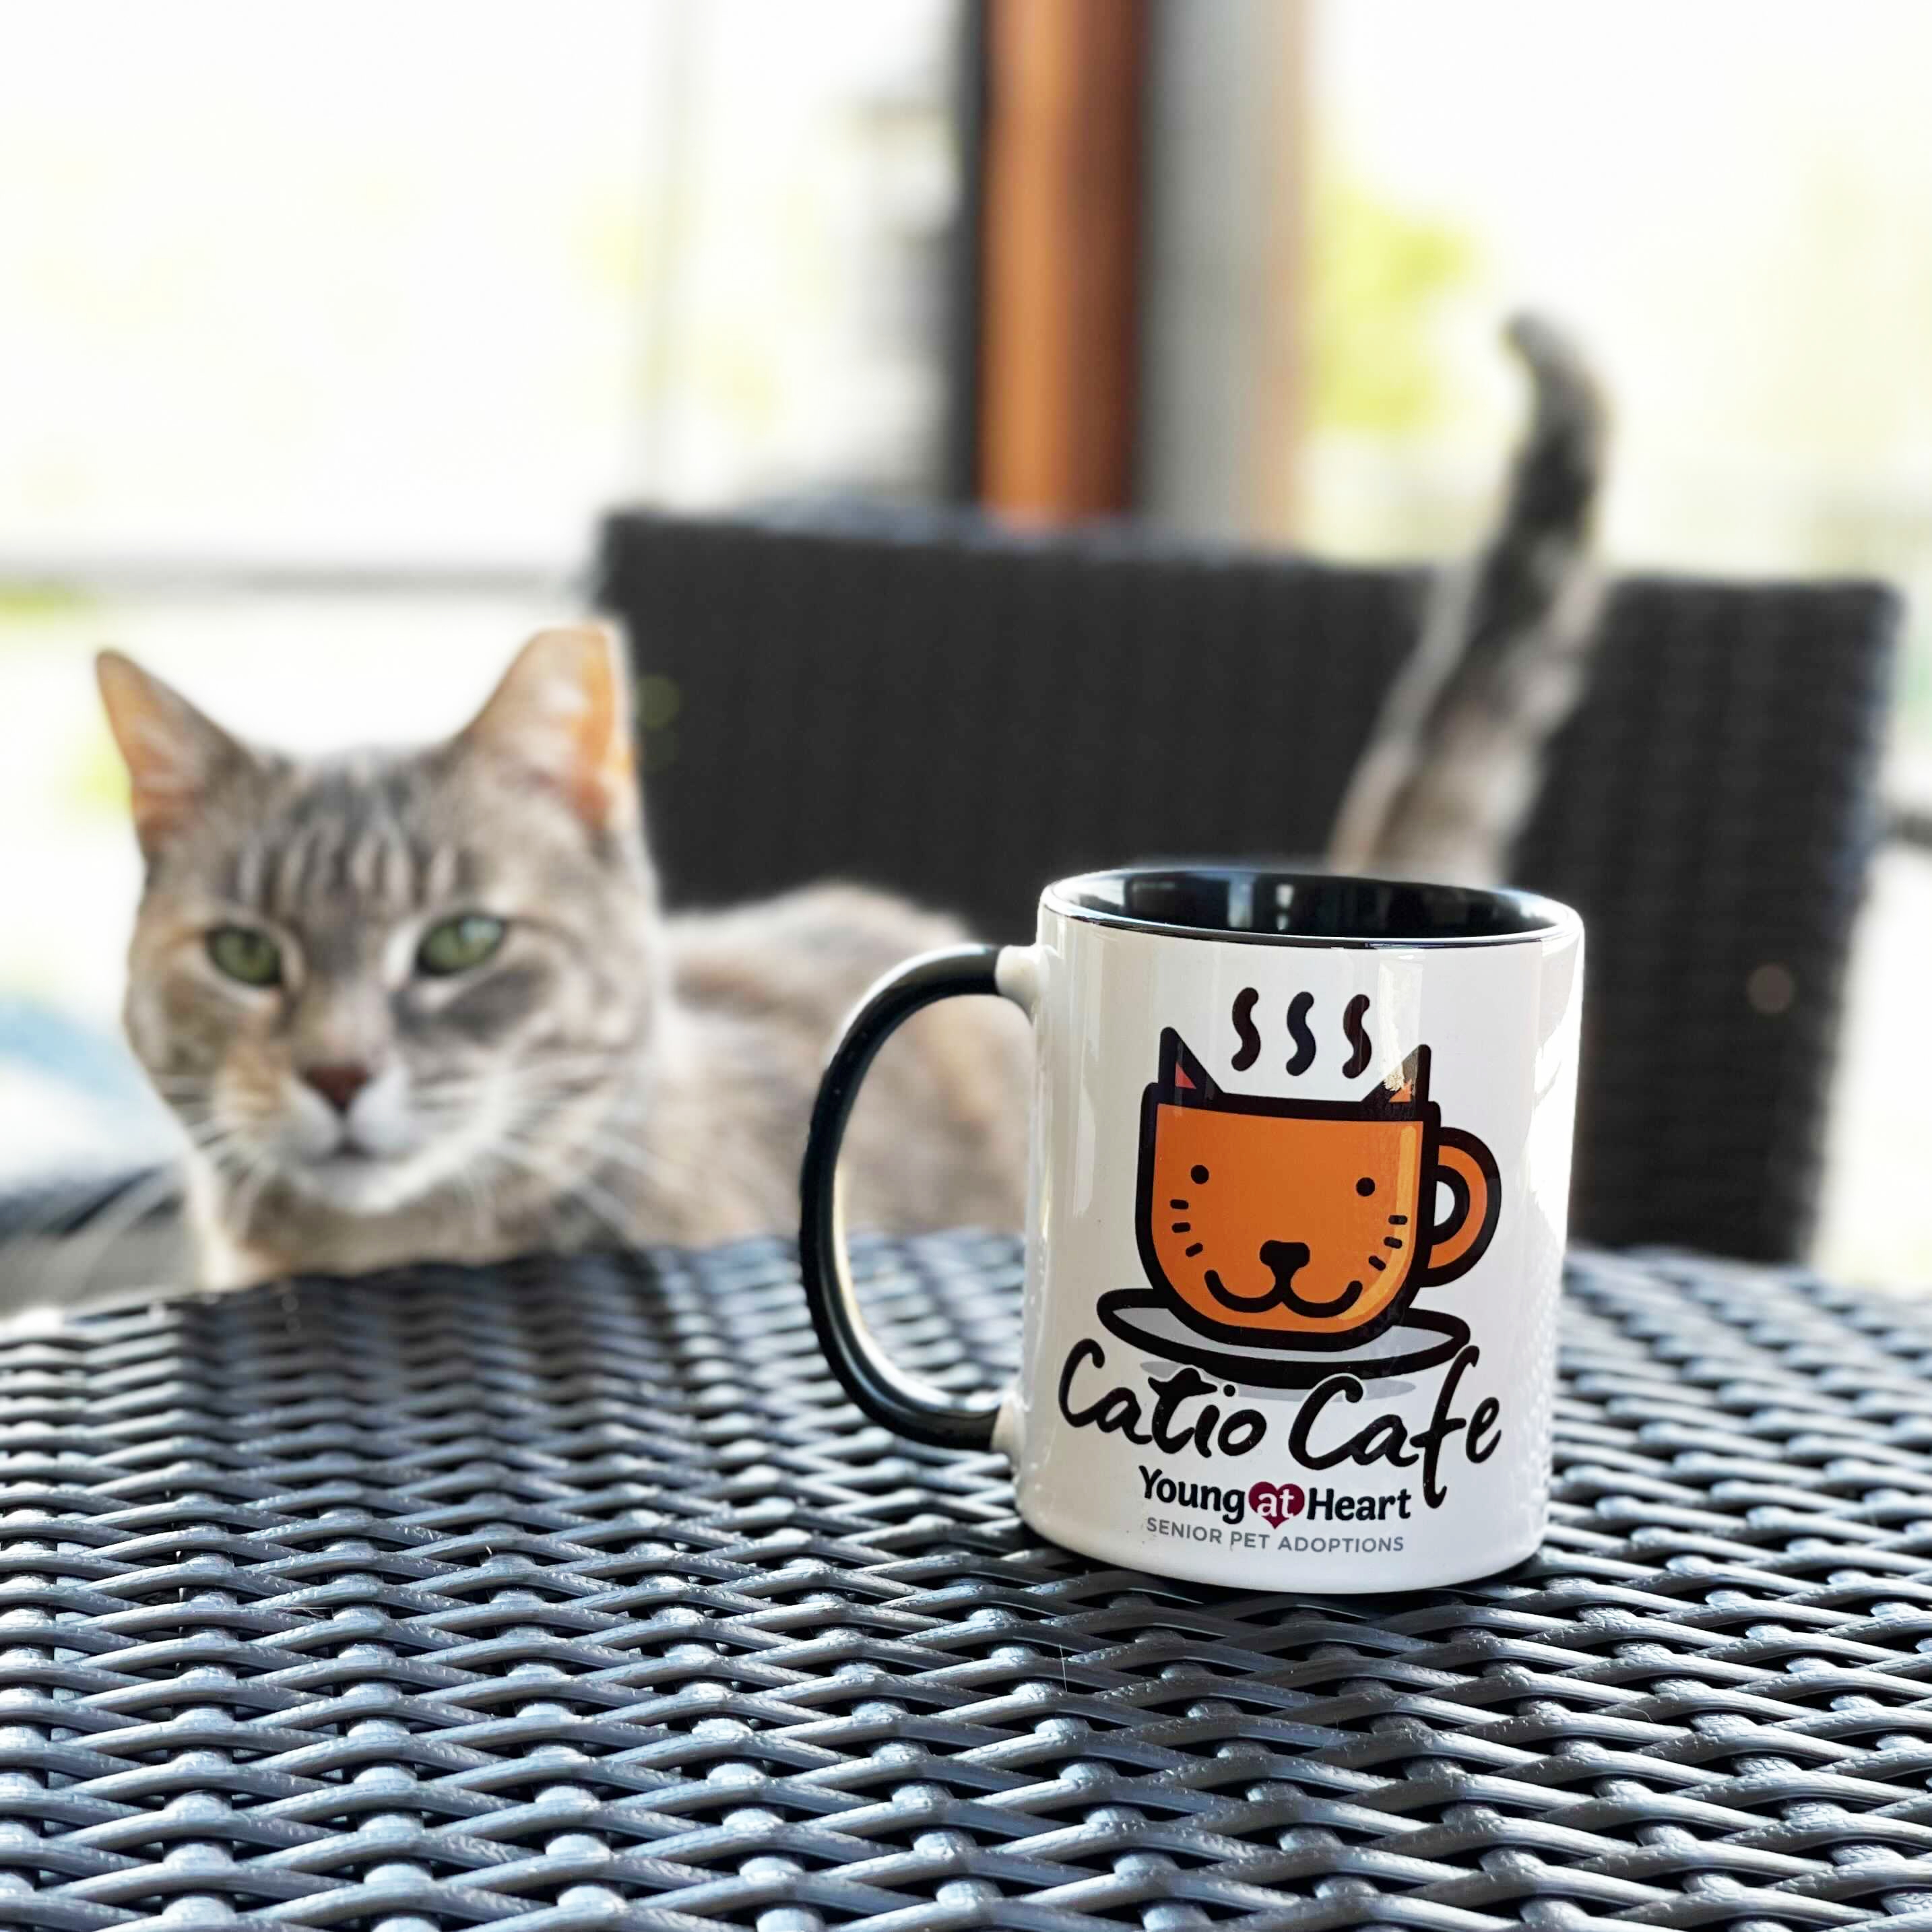 catio cafe 1